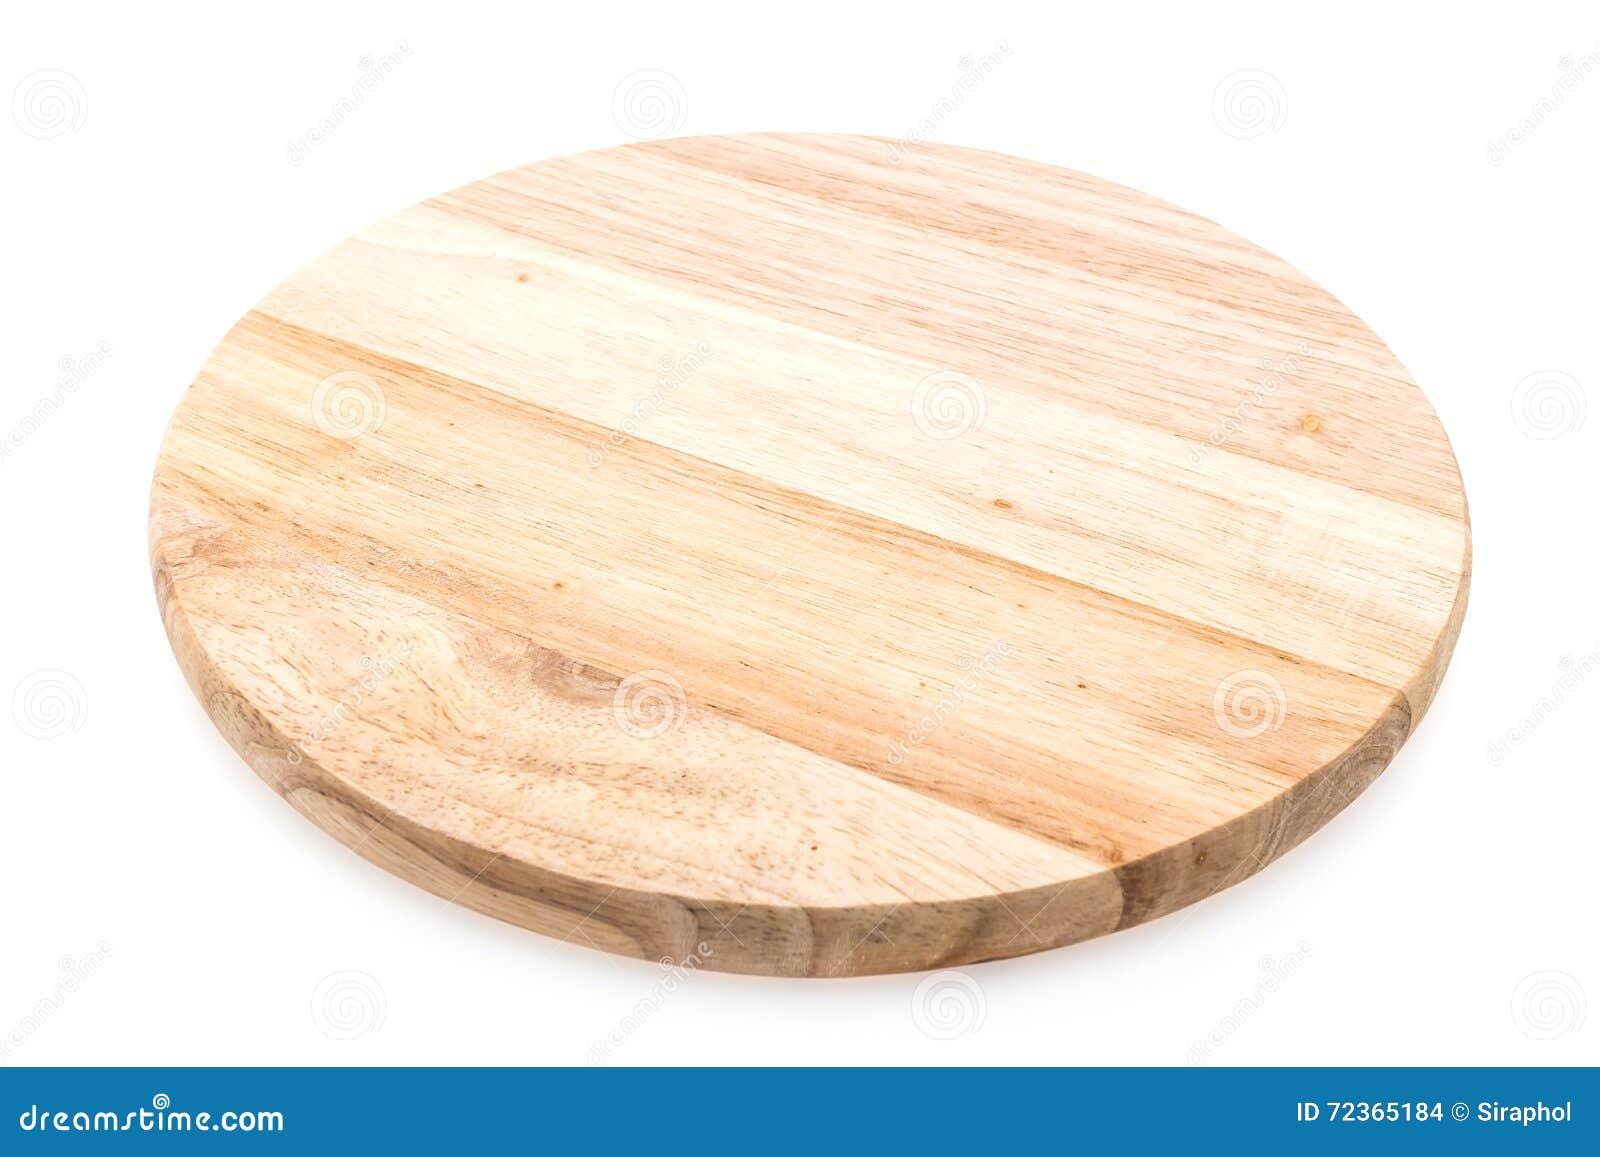 上木的剪切